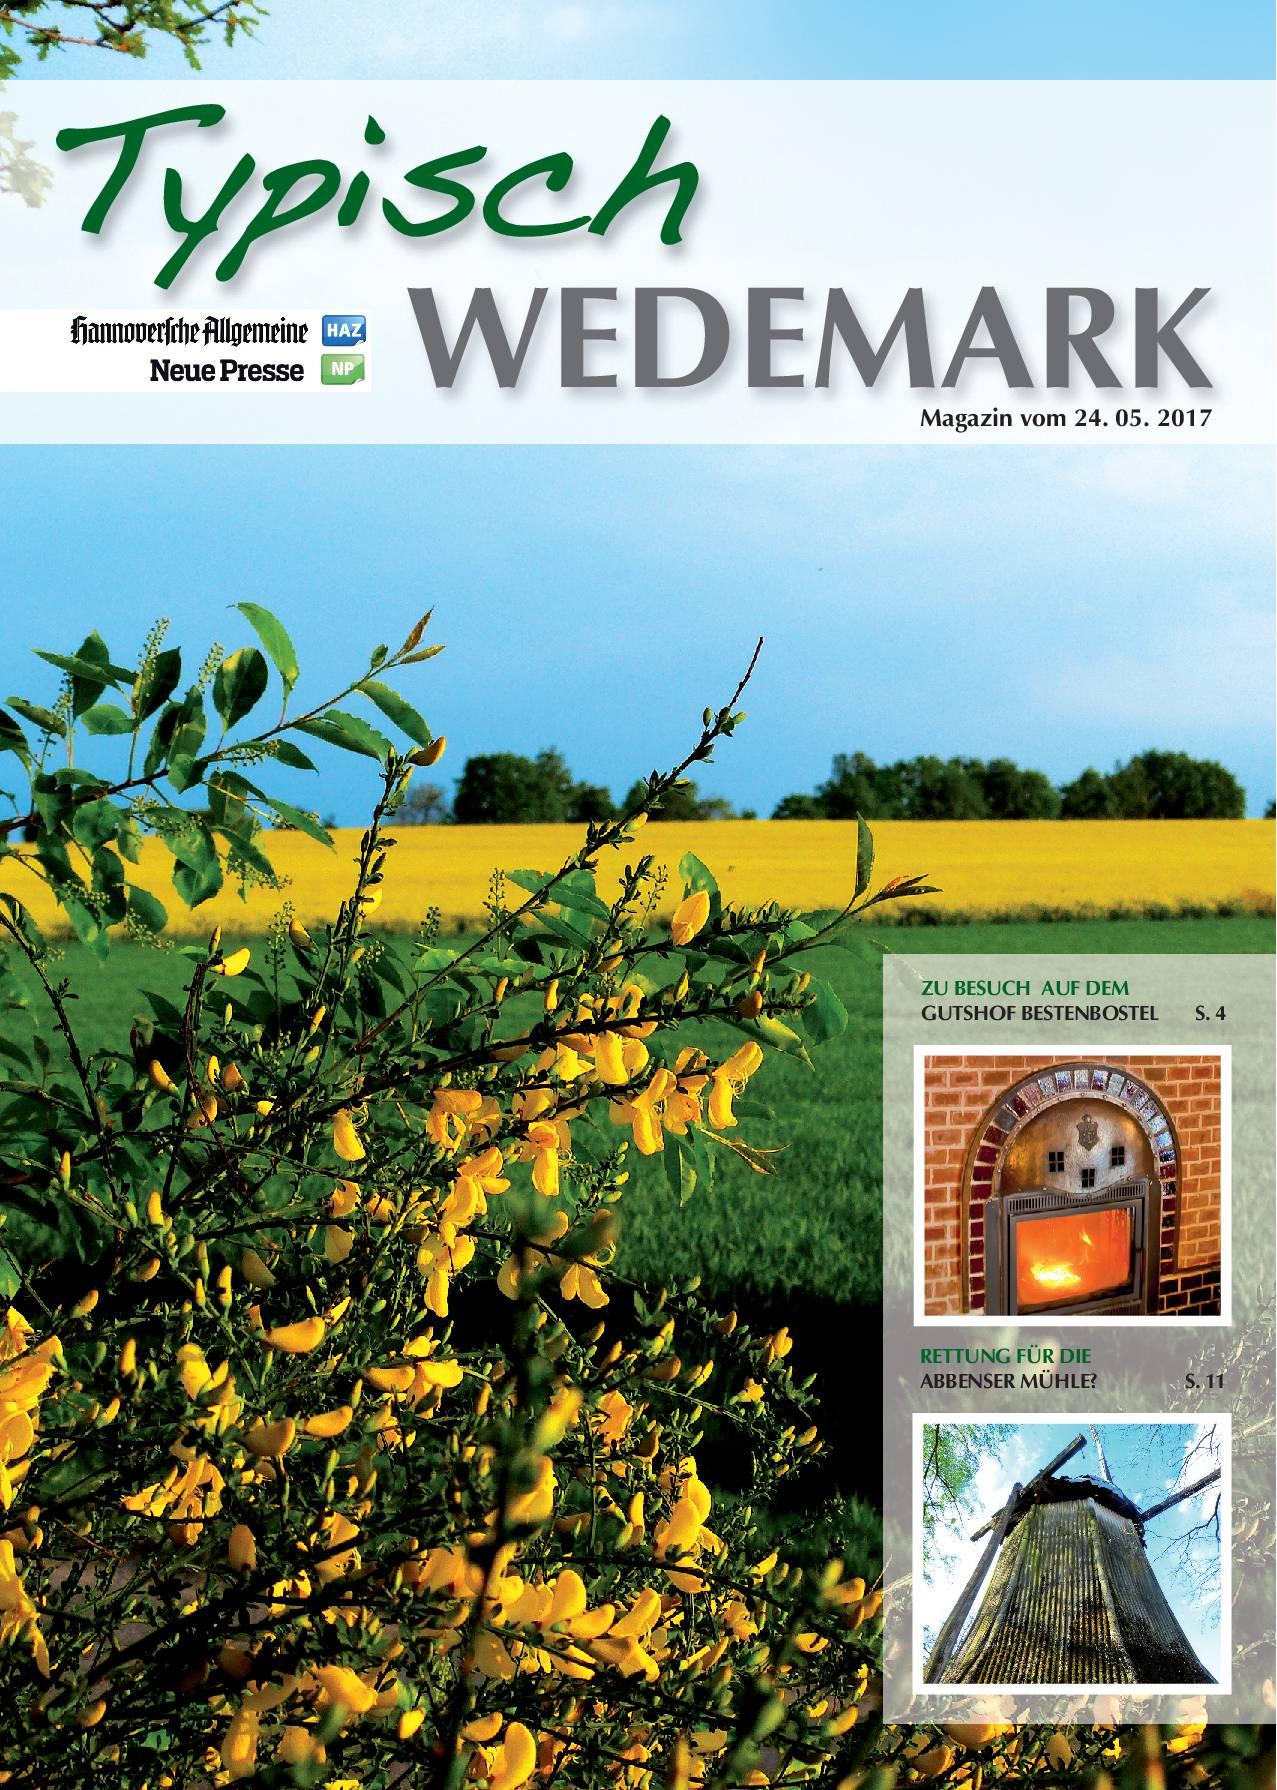 wedemark-nr-8-vom-24-05-2017